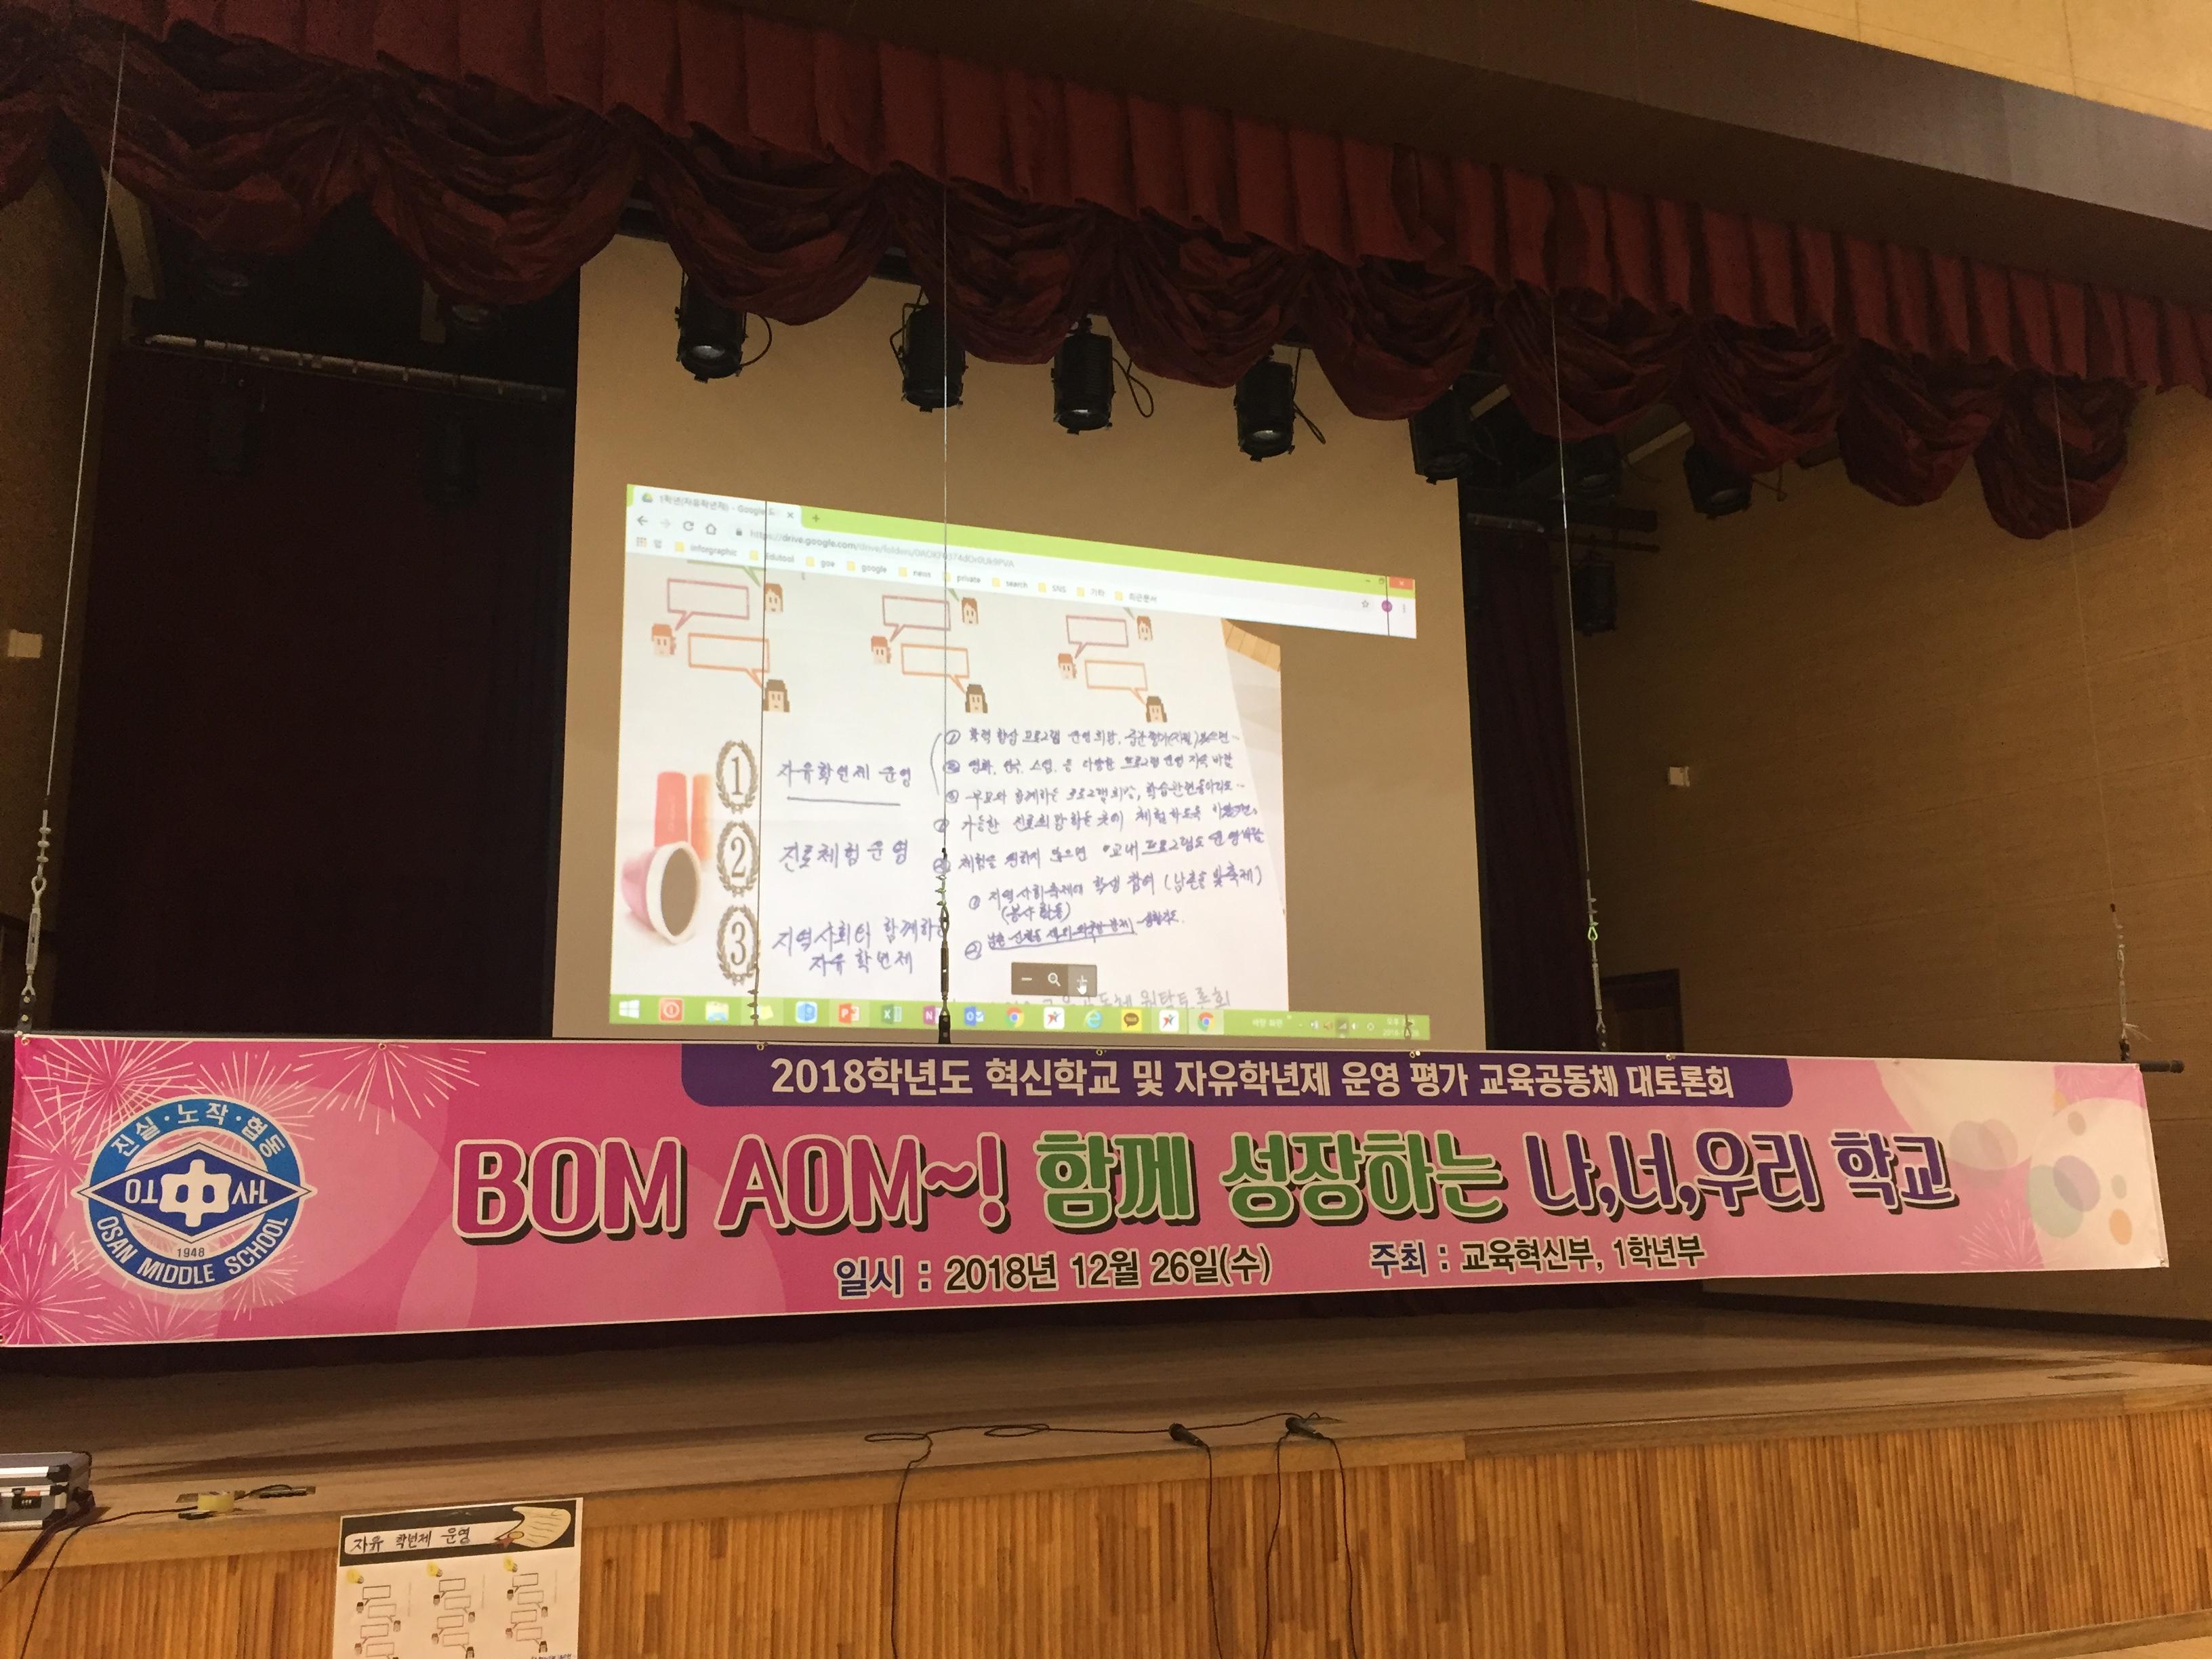 [일반] 2018 오산중학교 혁신학교 및 자유학년제 평가를 위한 교육공동체 대토론회 개최의 첨부이미지 1